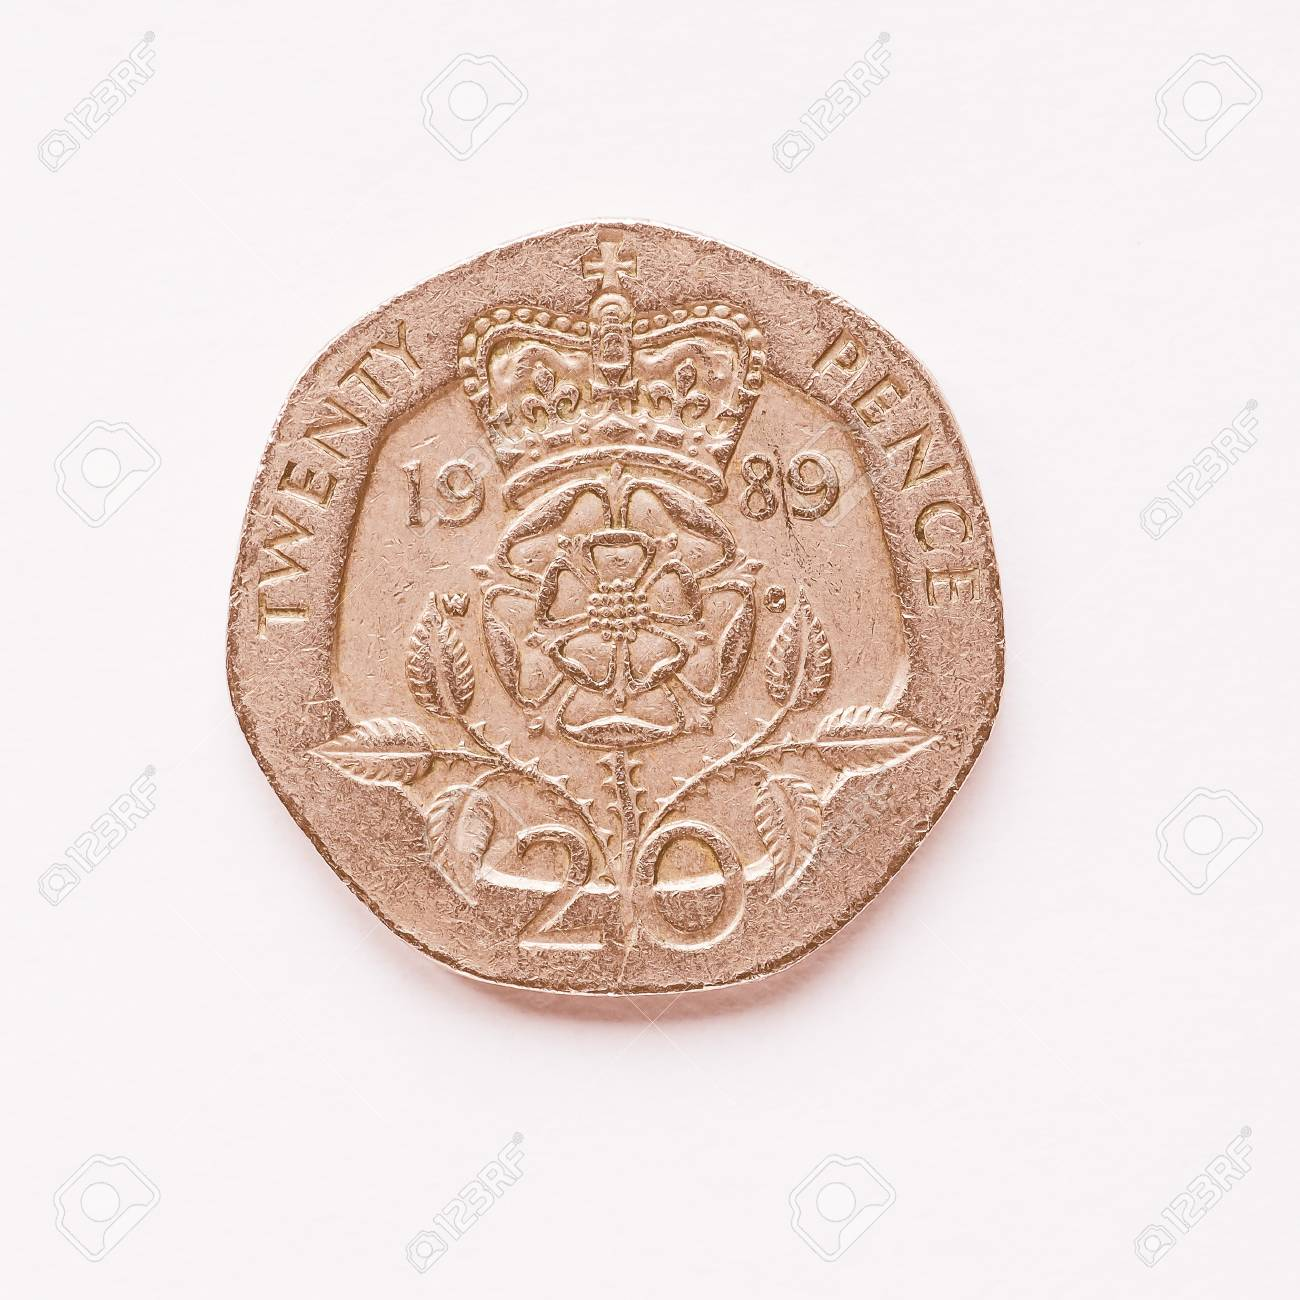 Währung Des Vereinigten Königreichs 20 Pence Münze Jahrgang